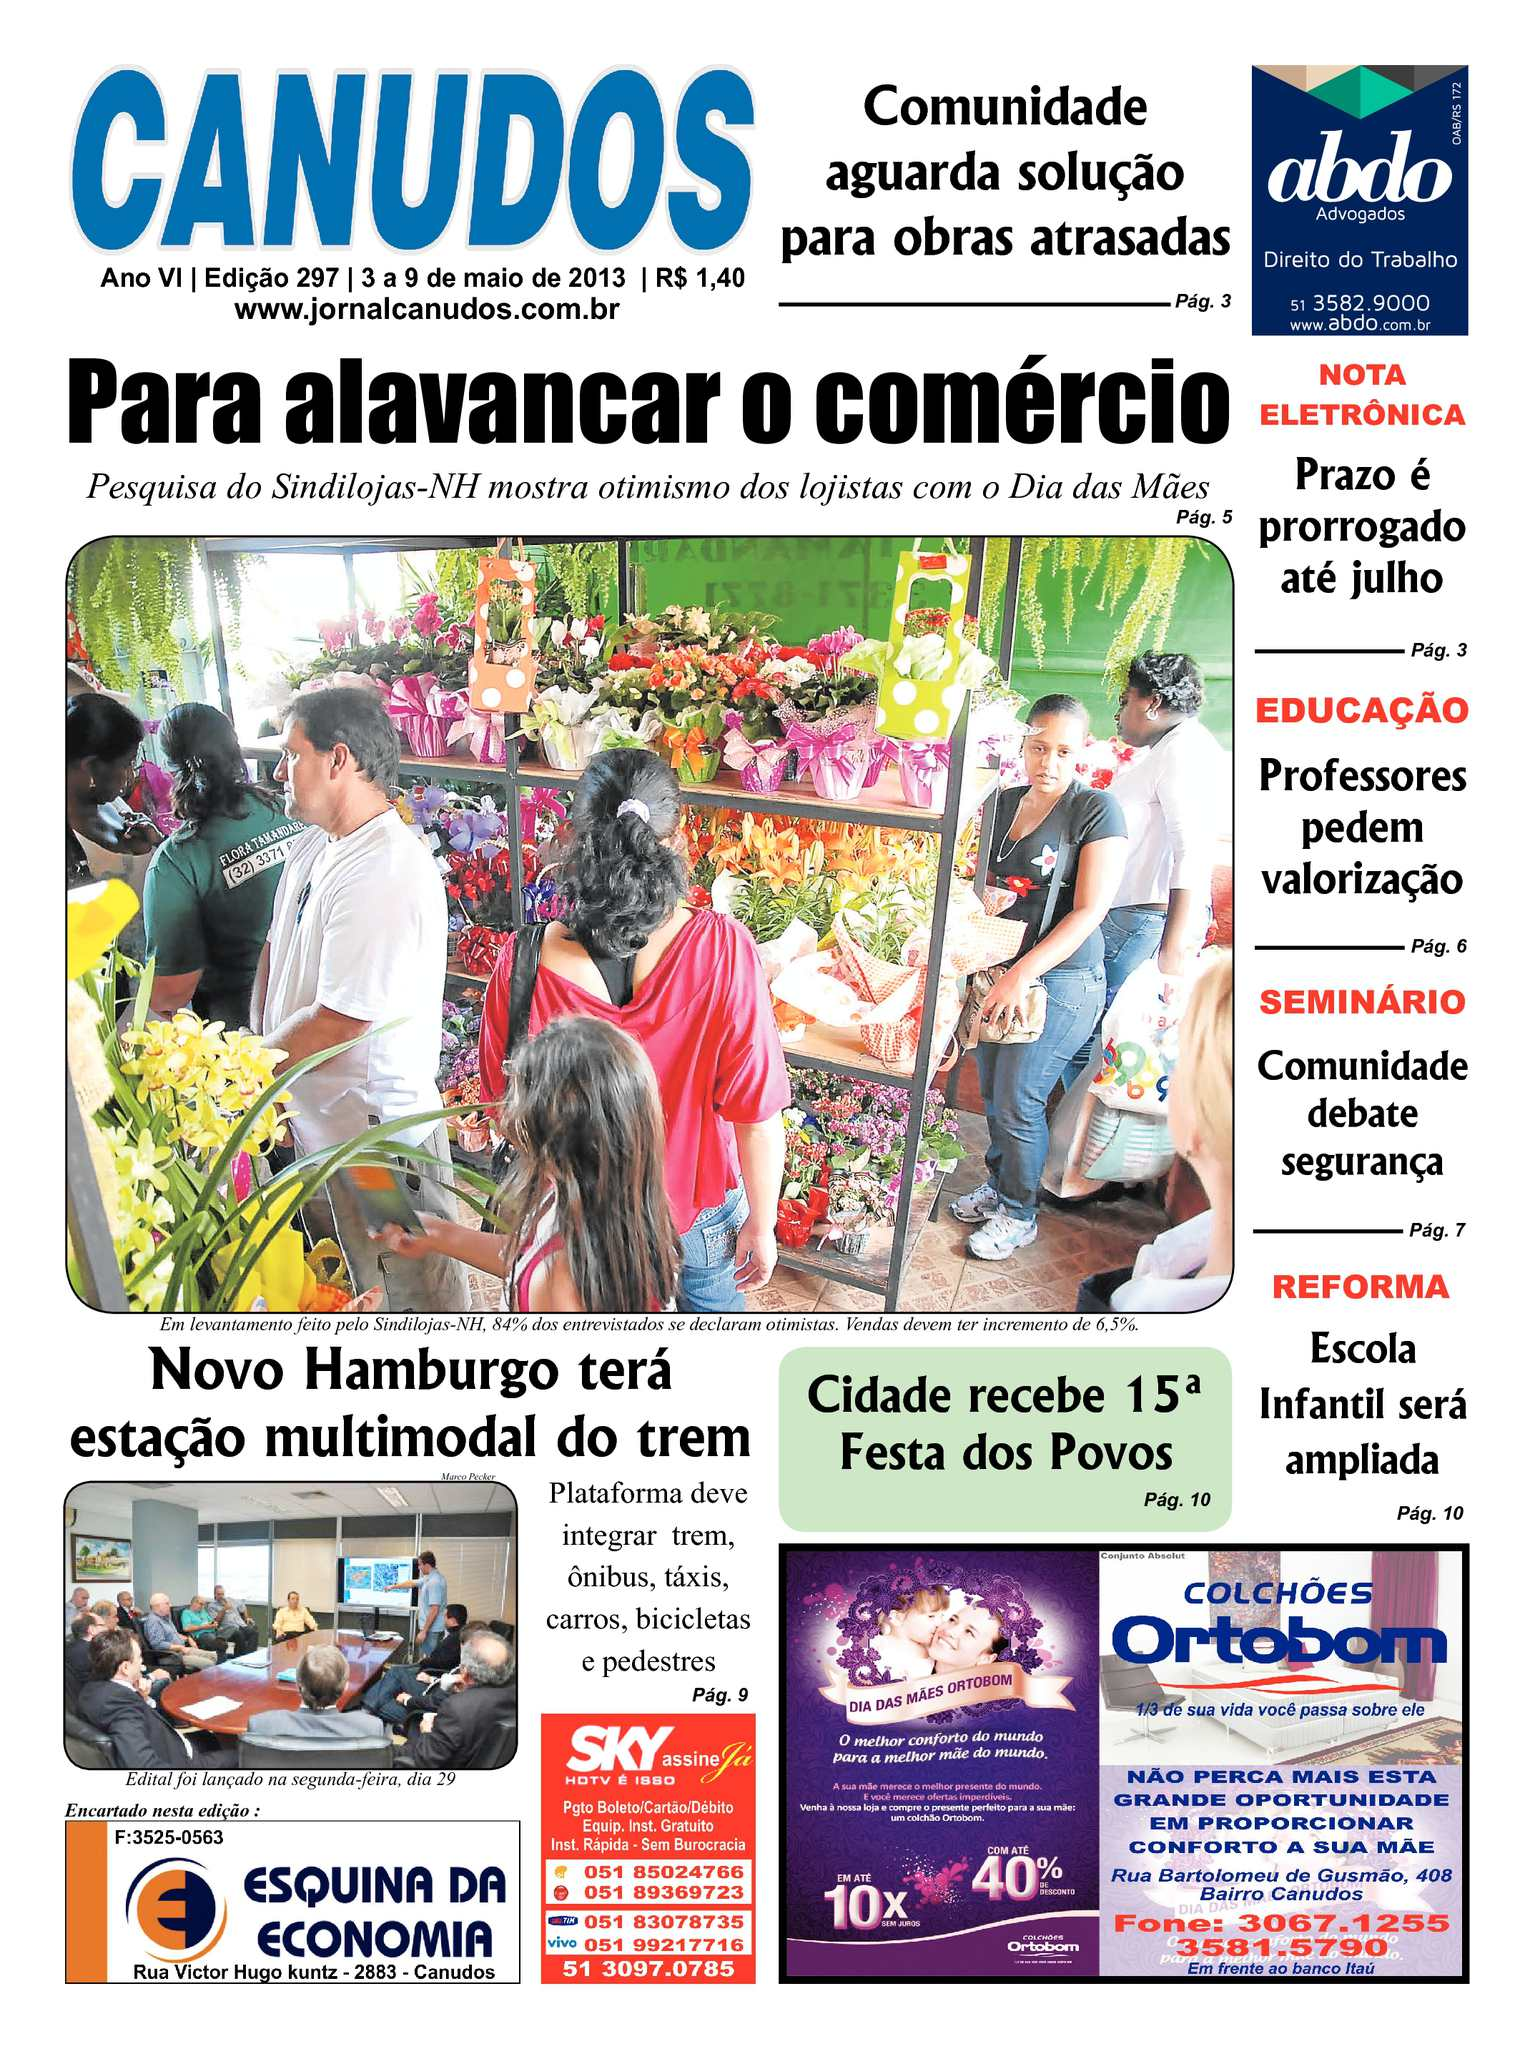 Calaméo - Jornal Canudos - Edição 297 7103d9383e